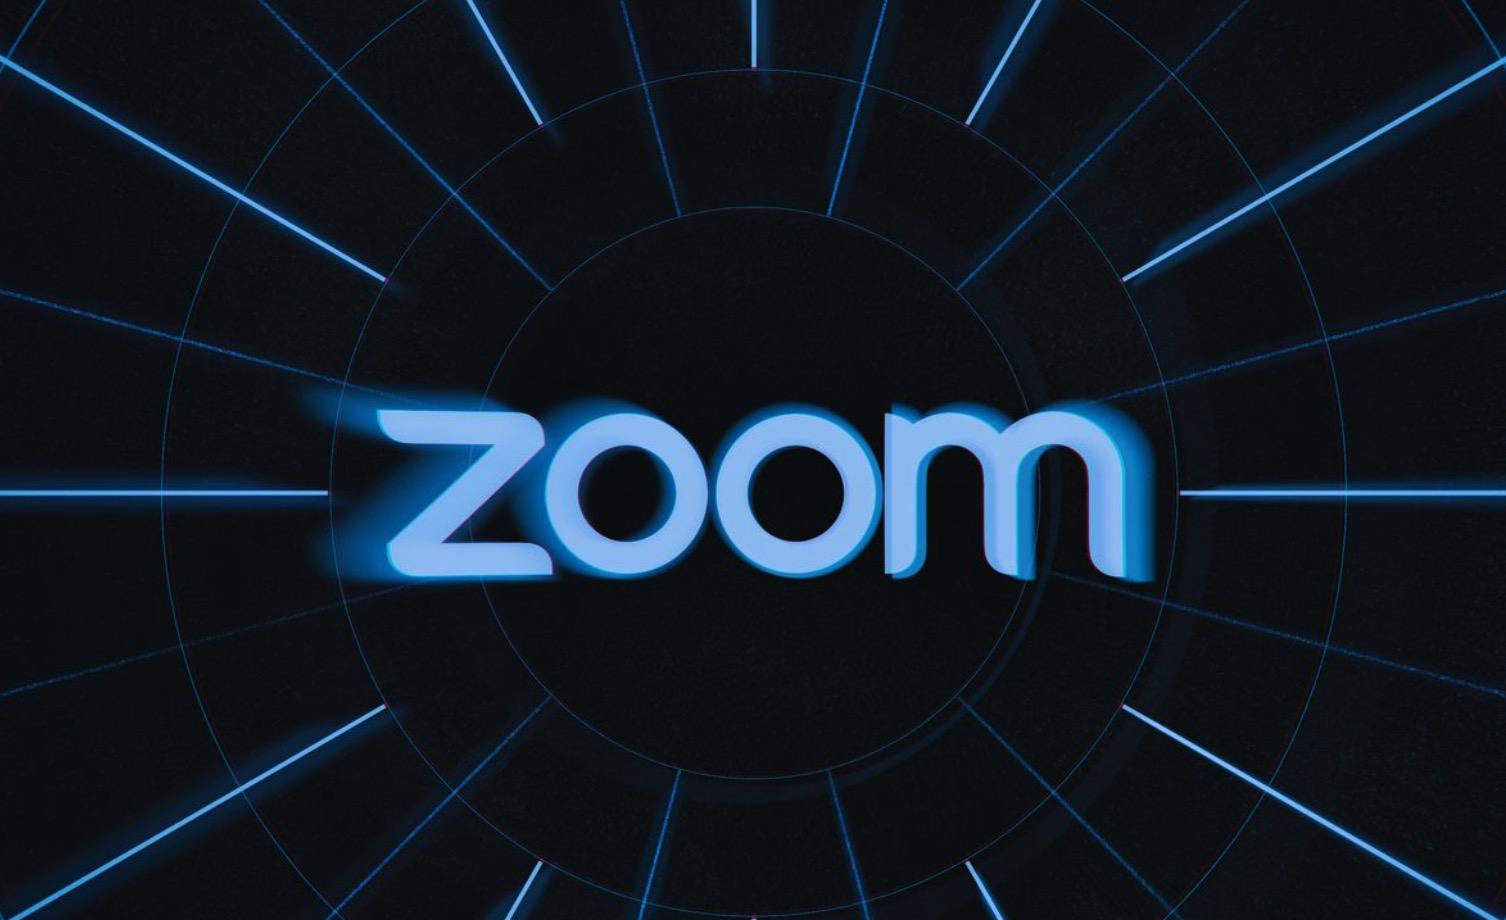 Zoom aggiungerà la crittografia end-to-end dalla prossima settimana